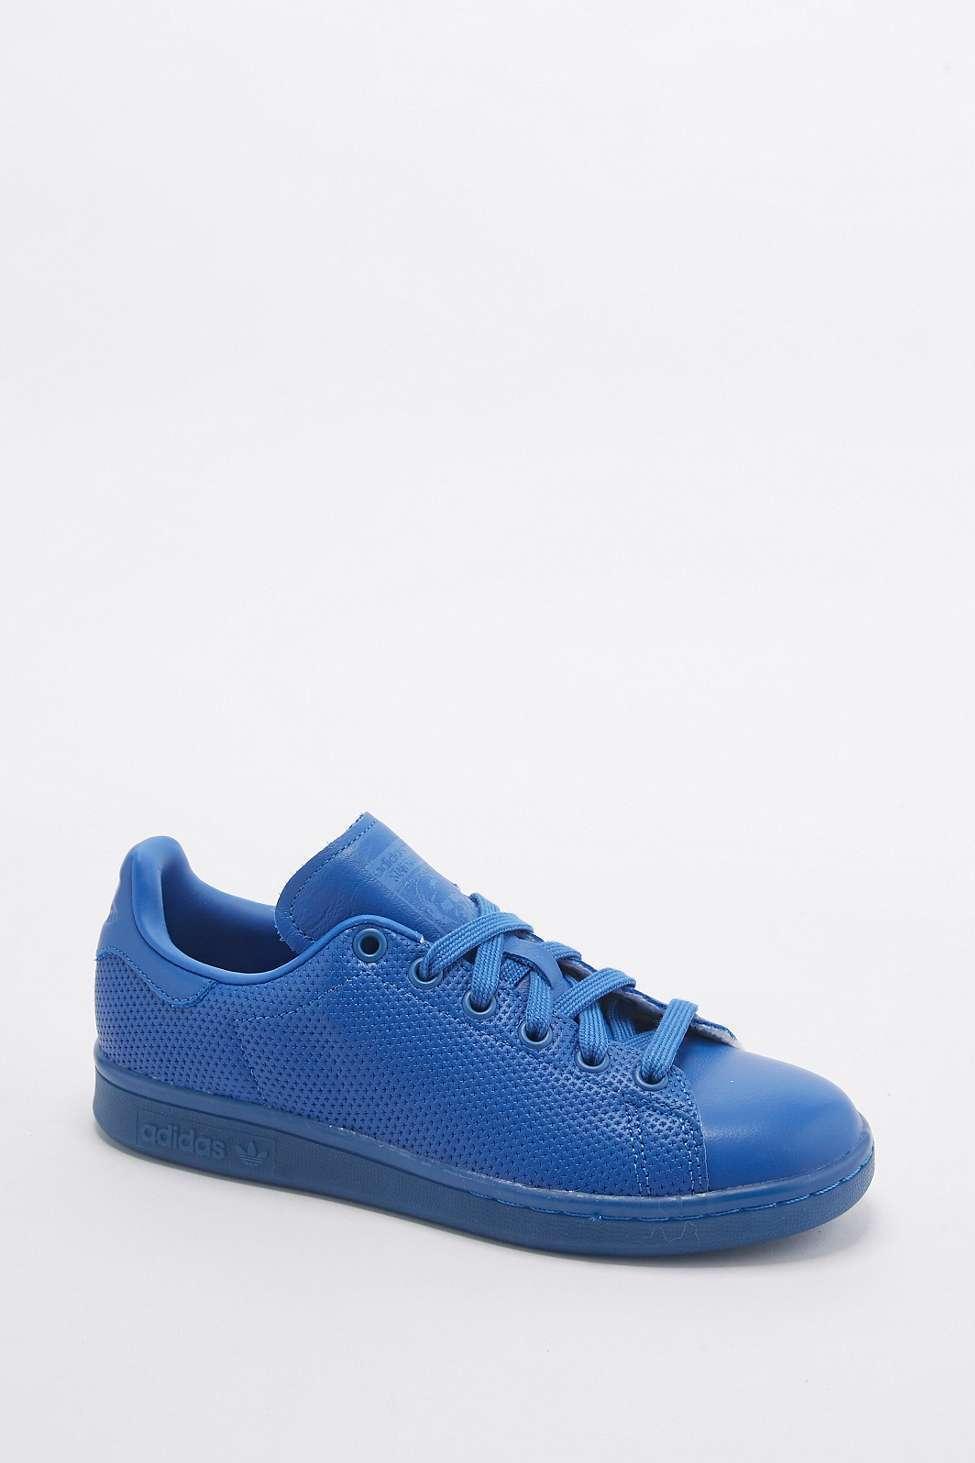 Adidas Originals Trainers Court Vantage adicolor Trainers Originals S80252 - Blau - UK 7 - 4c554d